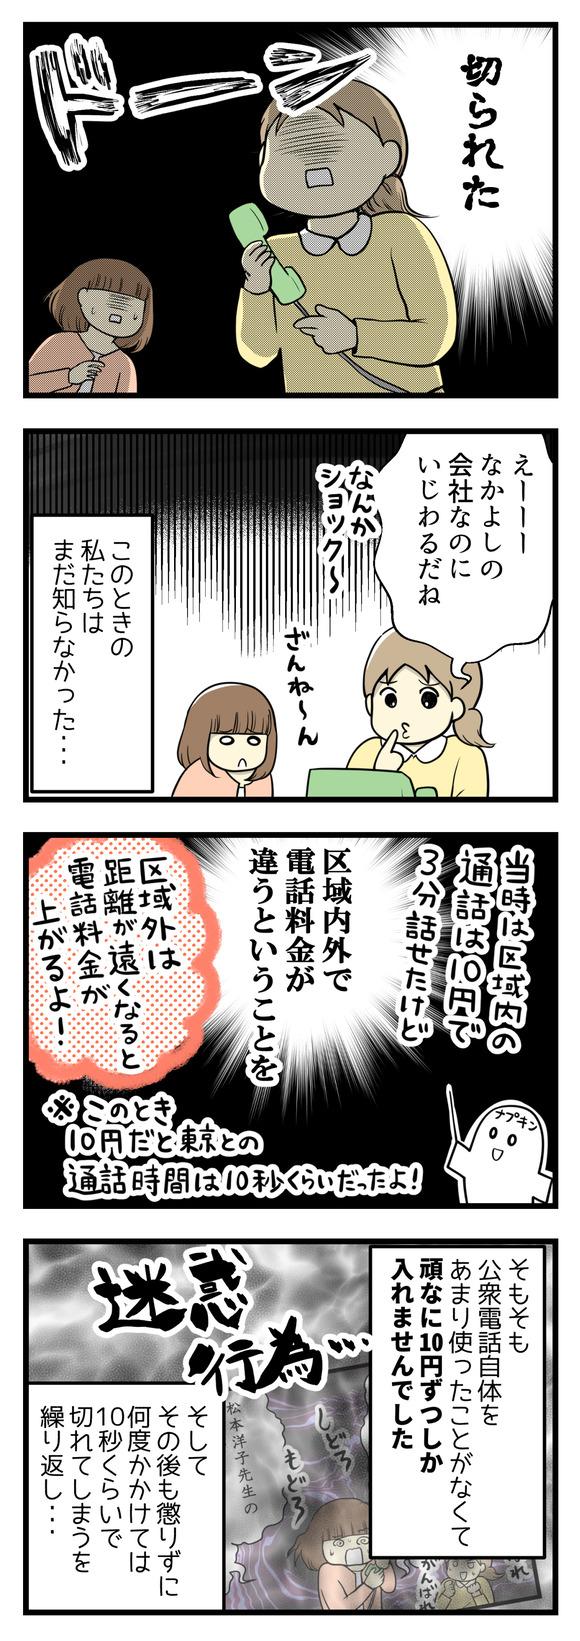 少女漫画好きな小学生が講談社に電話した結果-11-